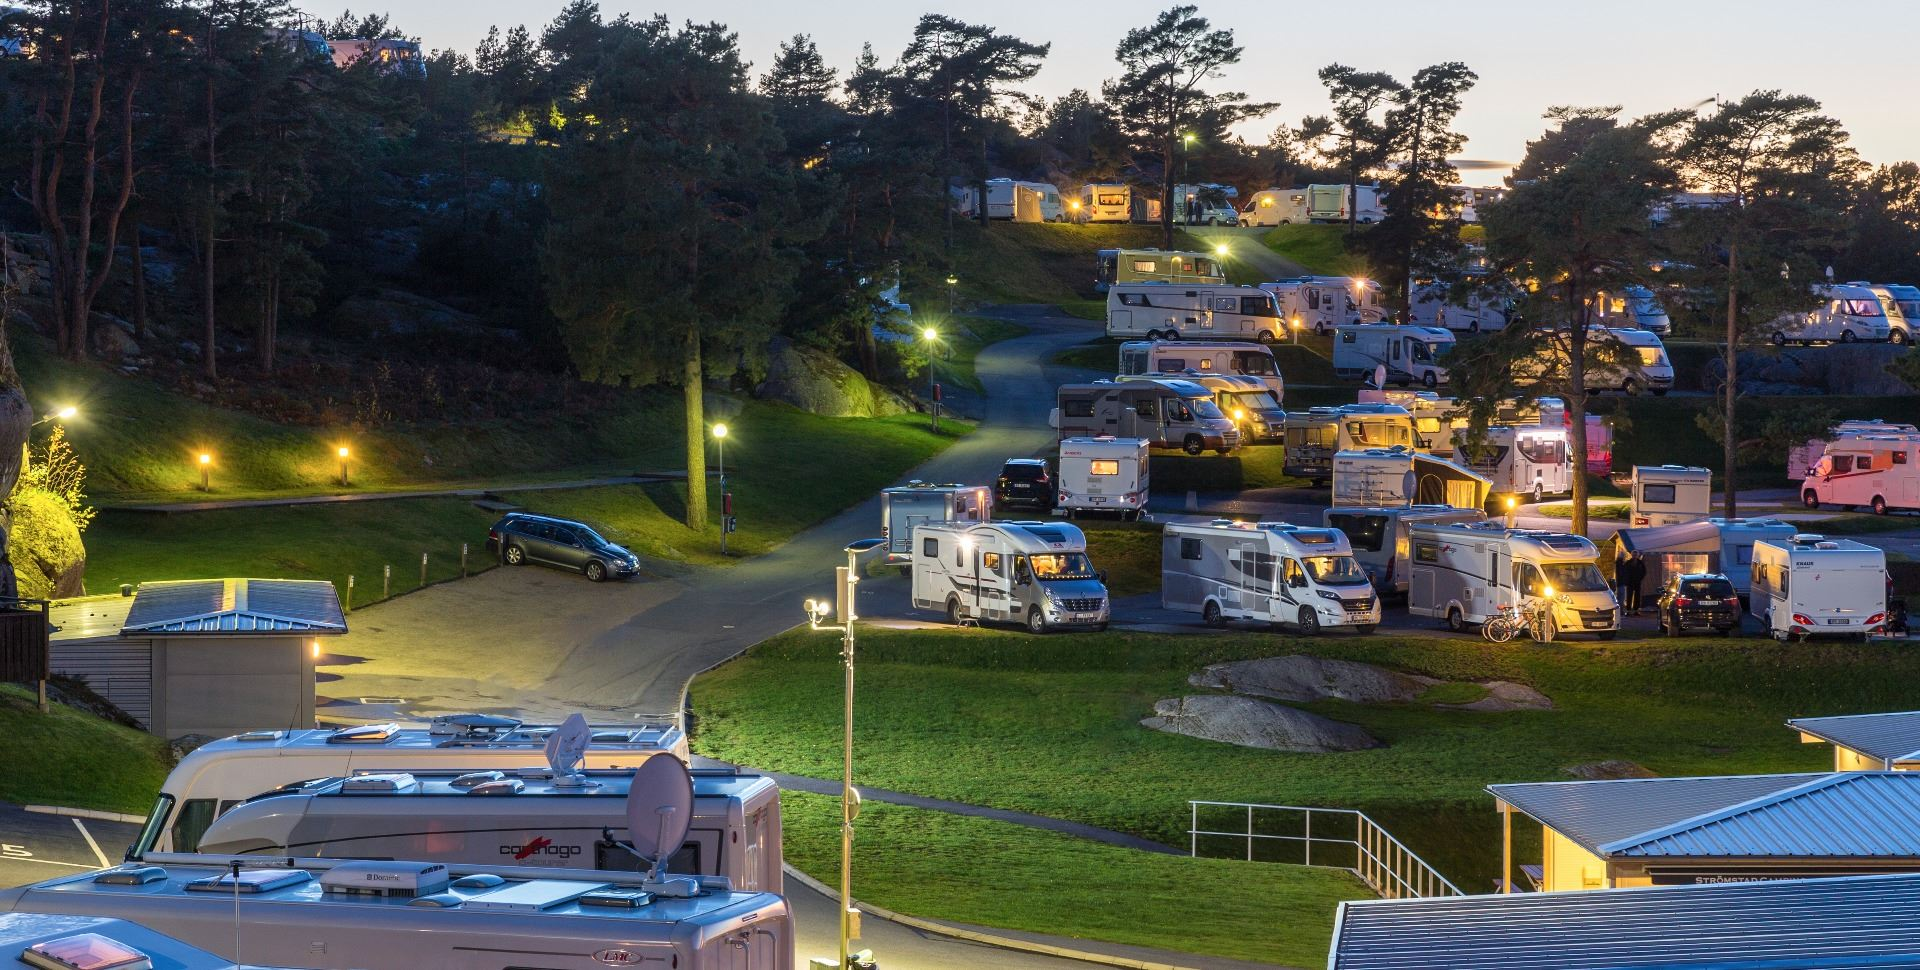 Strömstad Camping